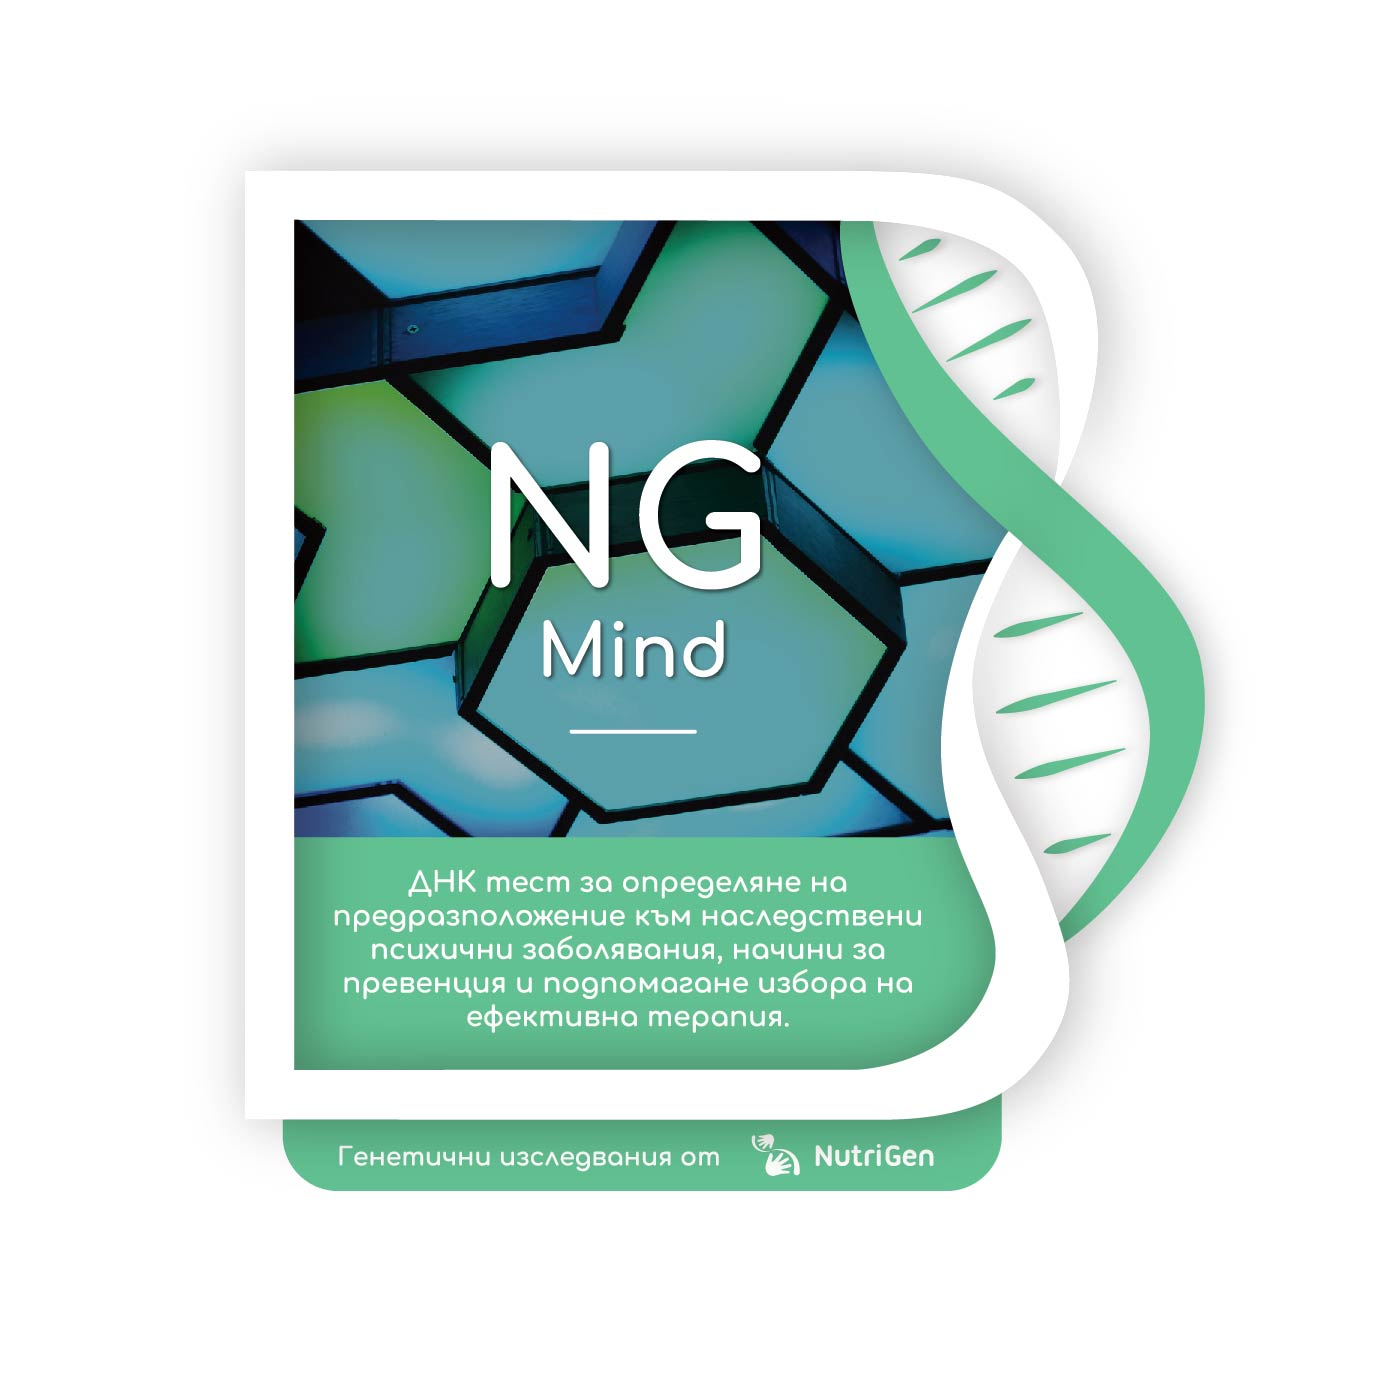 Тази седмица изследването е на специална цена -10%- 775.80лв.  Използвай промо код: NGMind10 при поръчка онлайн на www.nutrigen.bg Прочетете повече за NGMind като кликнете върху картинката на услугата.